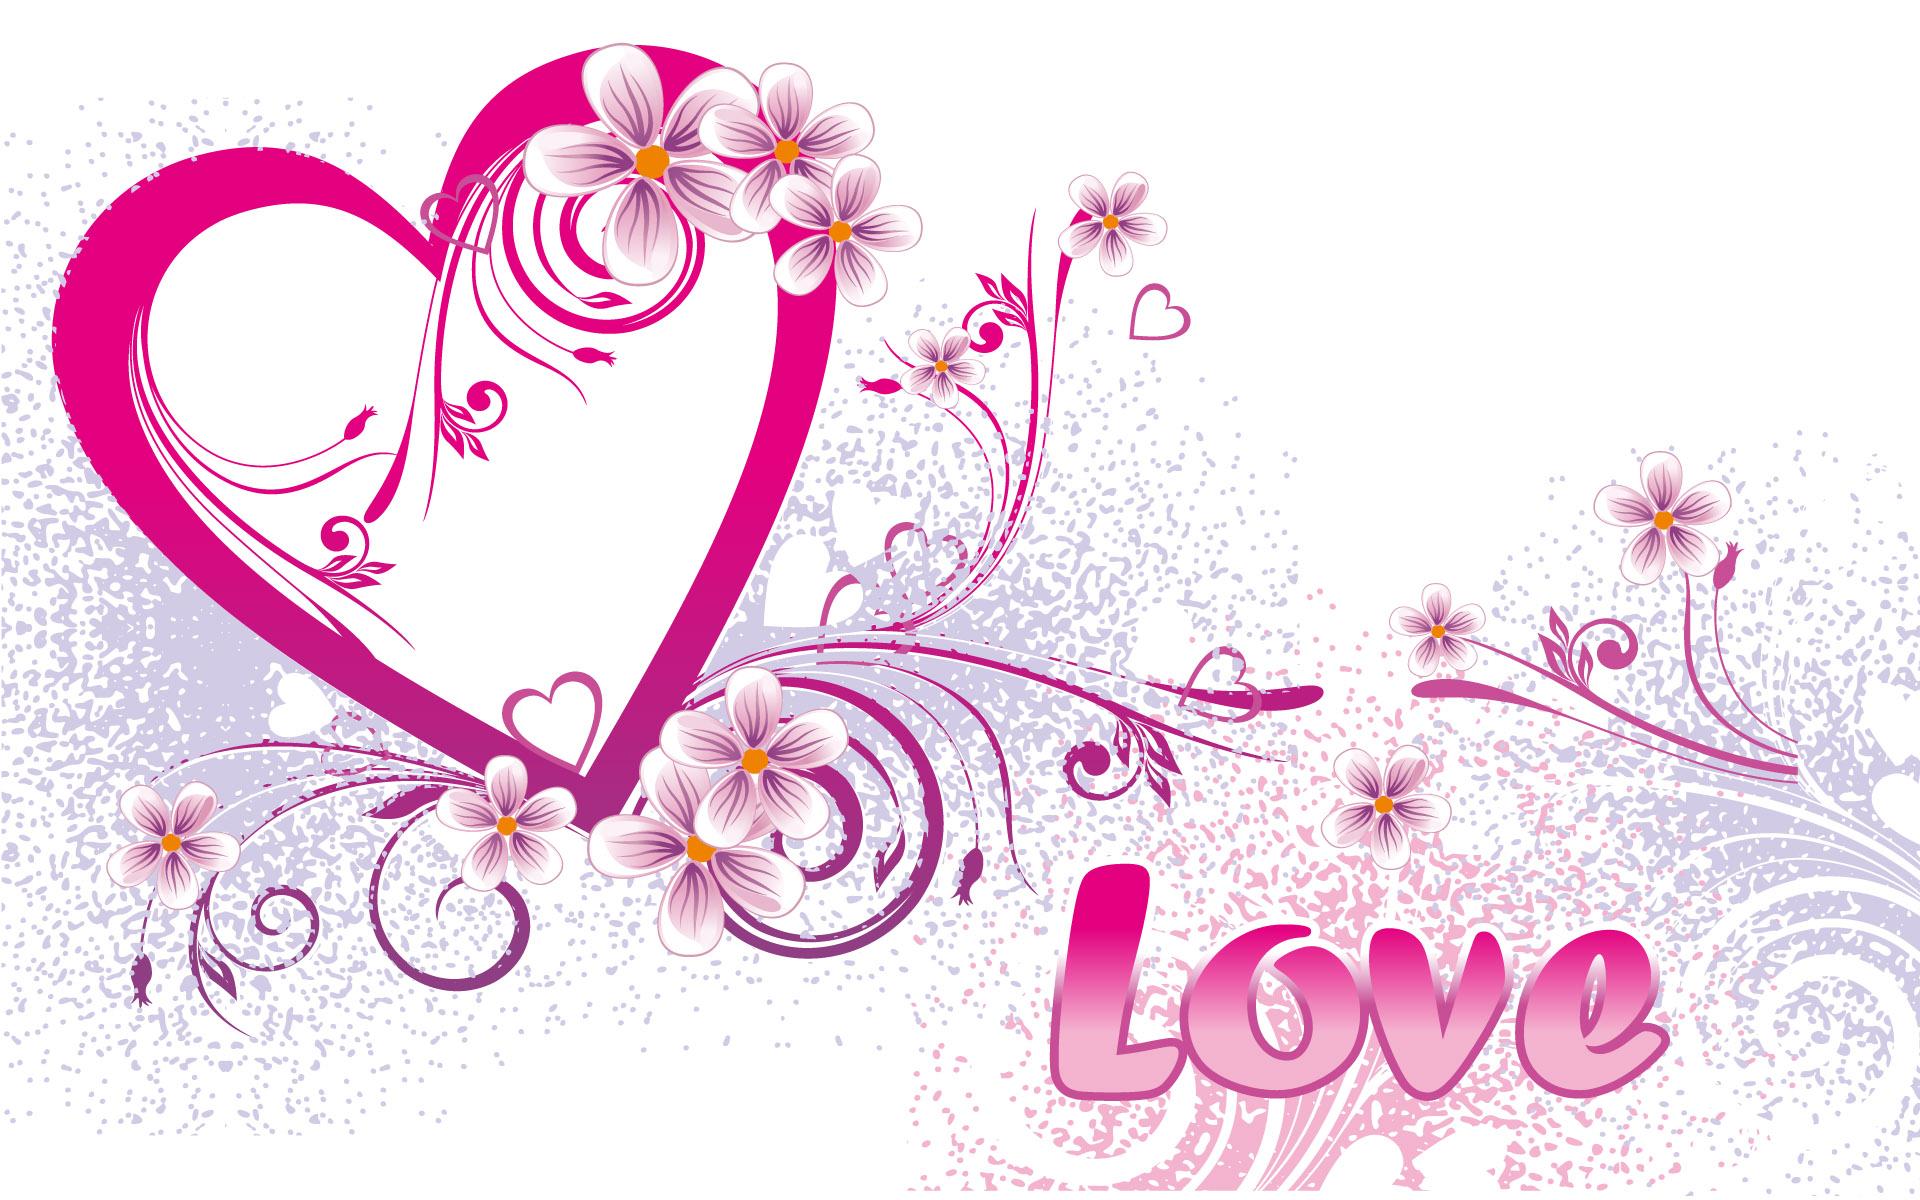 wallpaper valentine đẹp SinhVienIT.NET---valentine-wallpaper-13-